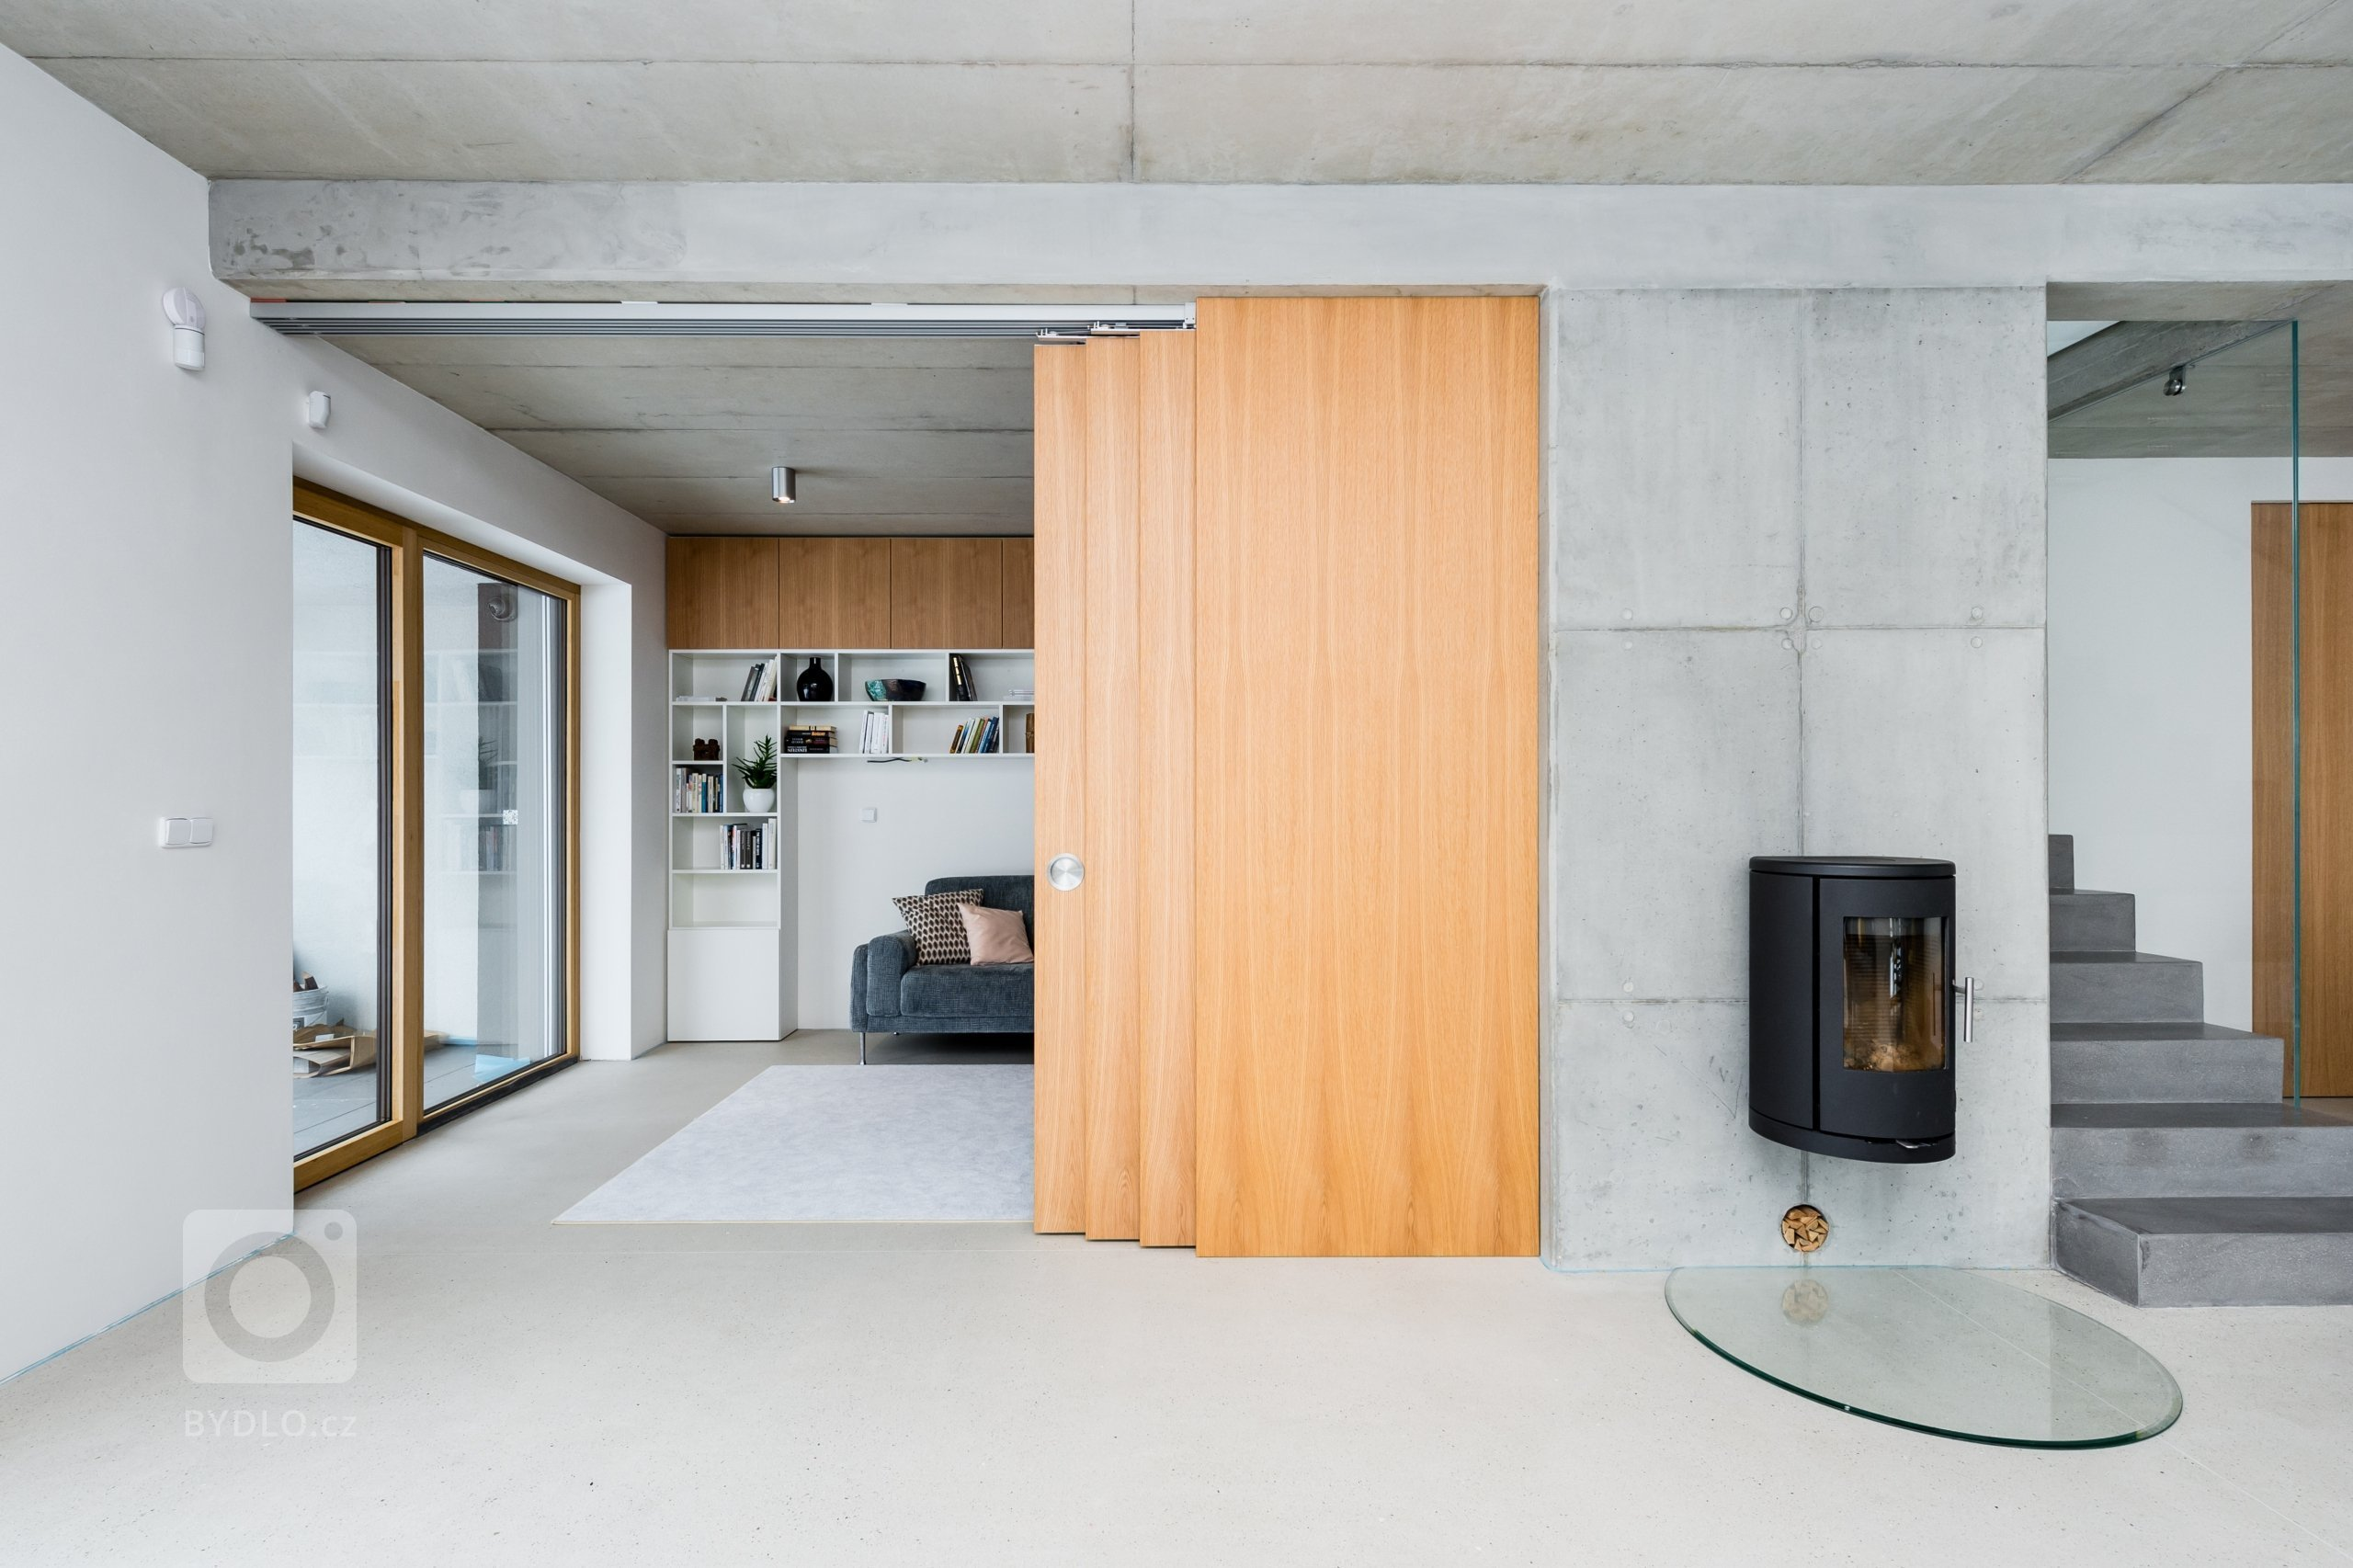 Na projektu jsem s klientem začala spolupracovat již ve fázi hrubé stavby, tak bylo možné ovlivnit matriály jako strop z pohledového betonu, kterému se celý…